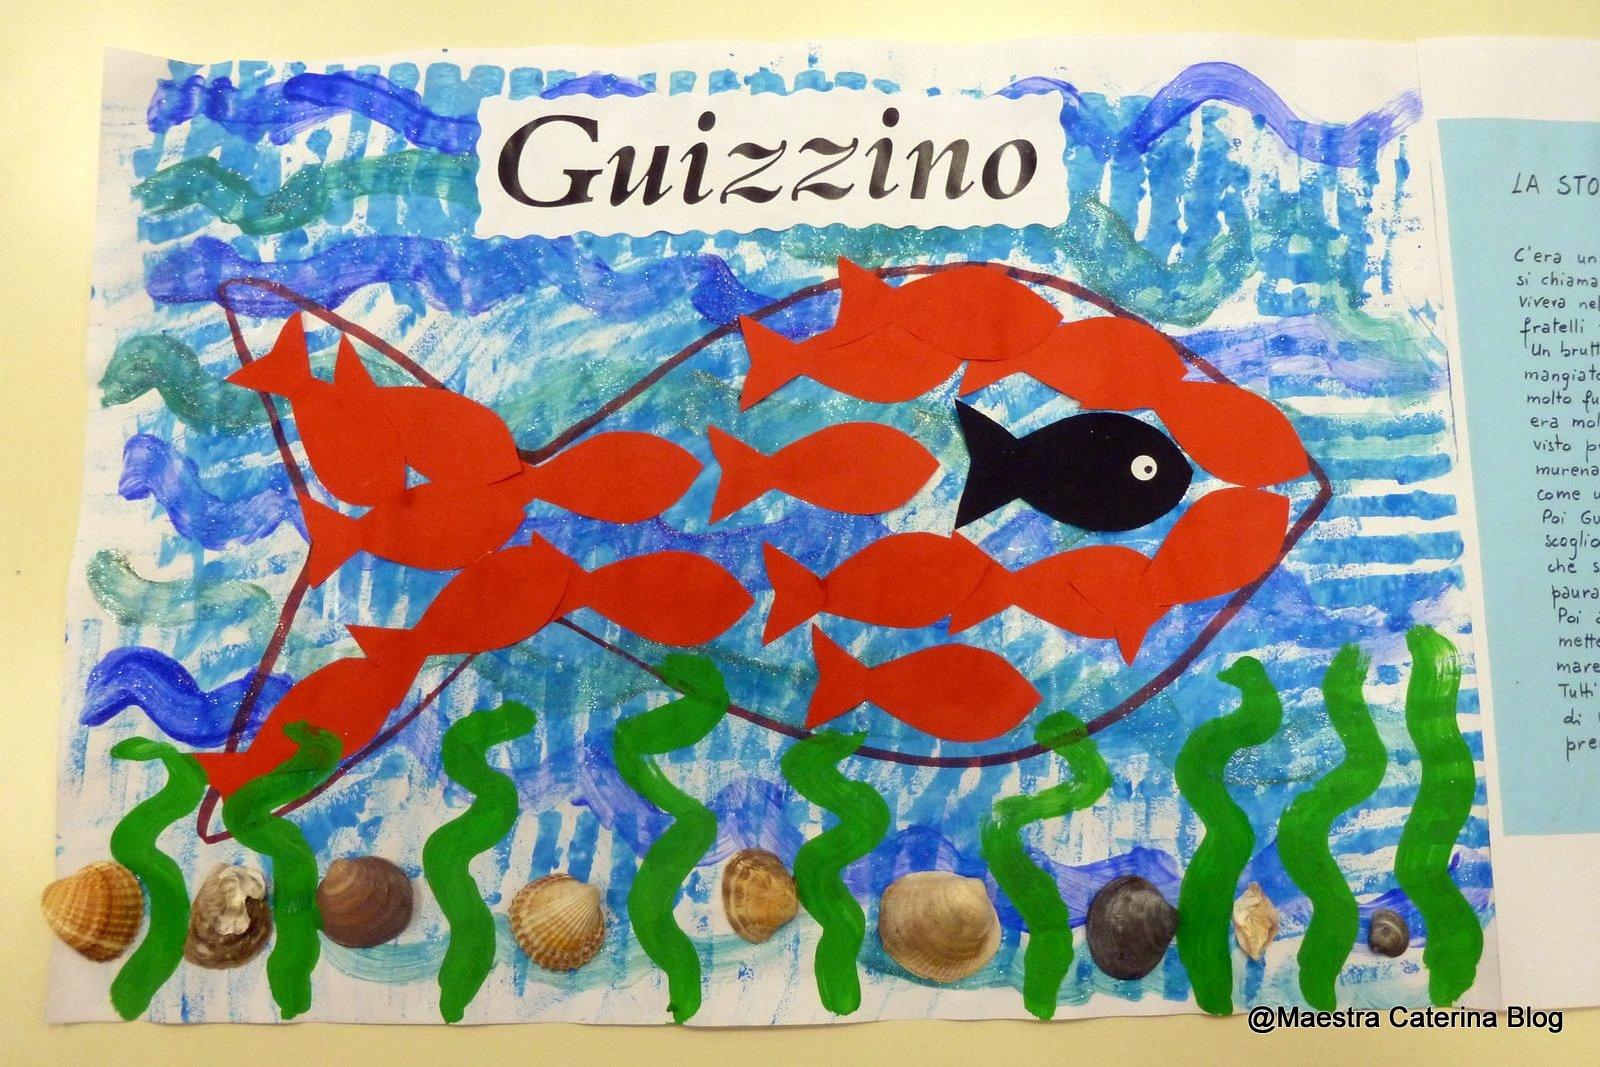 Maestra caterina guizzino for Immagini da colorare di pesci